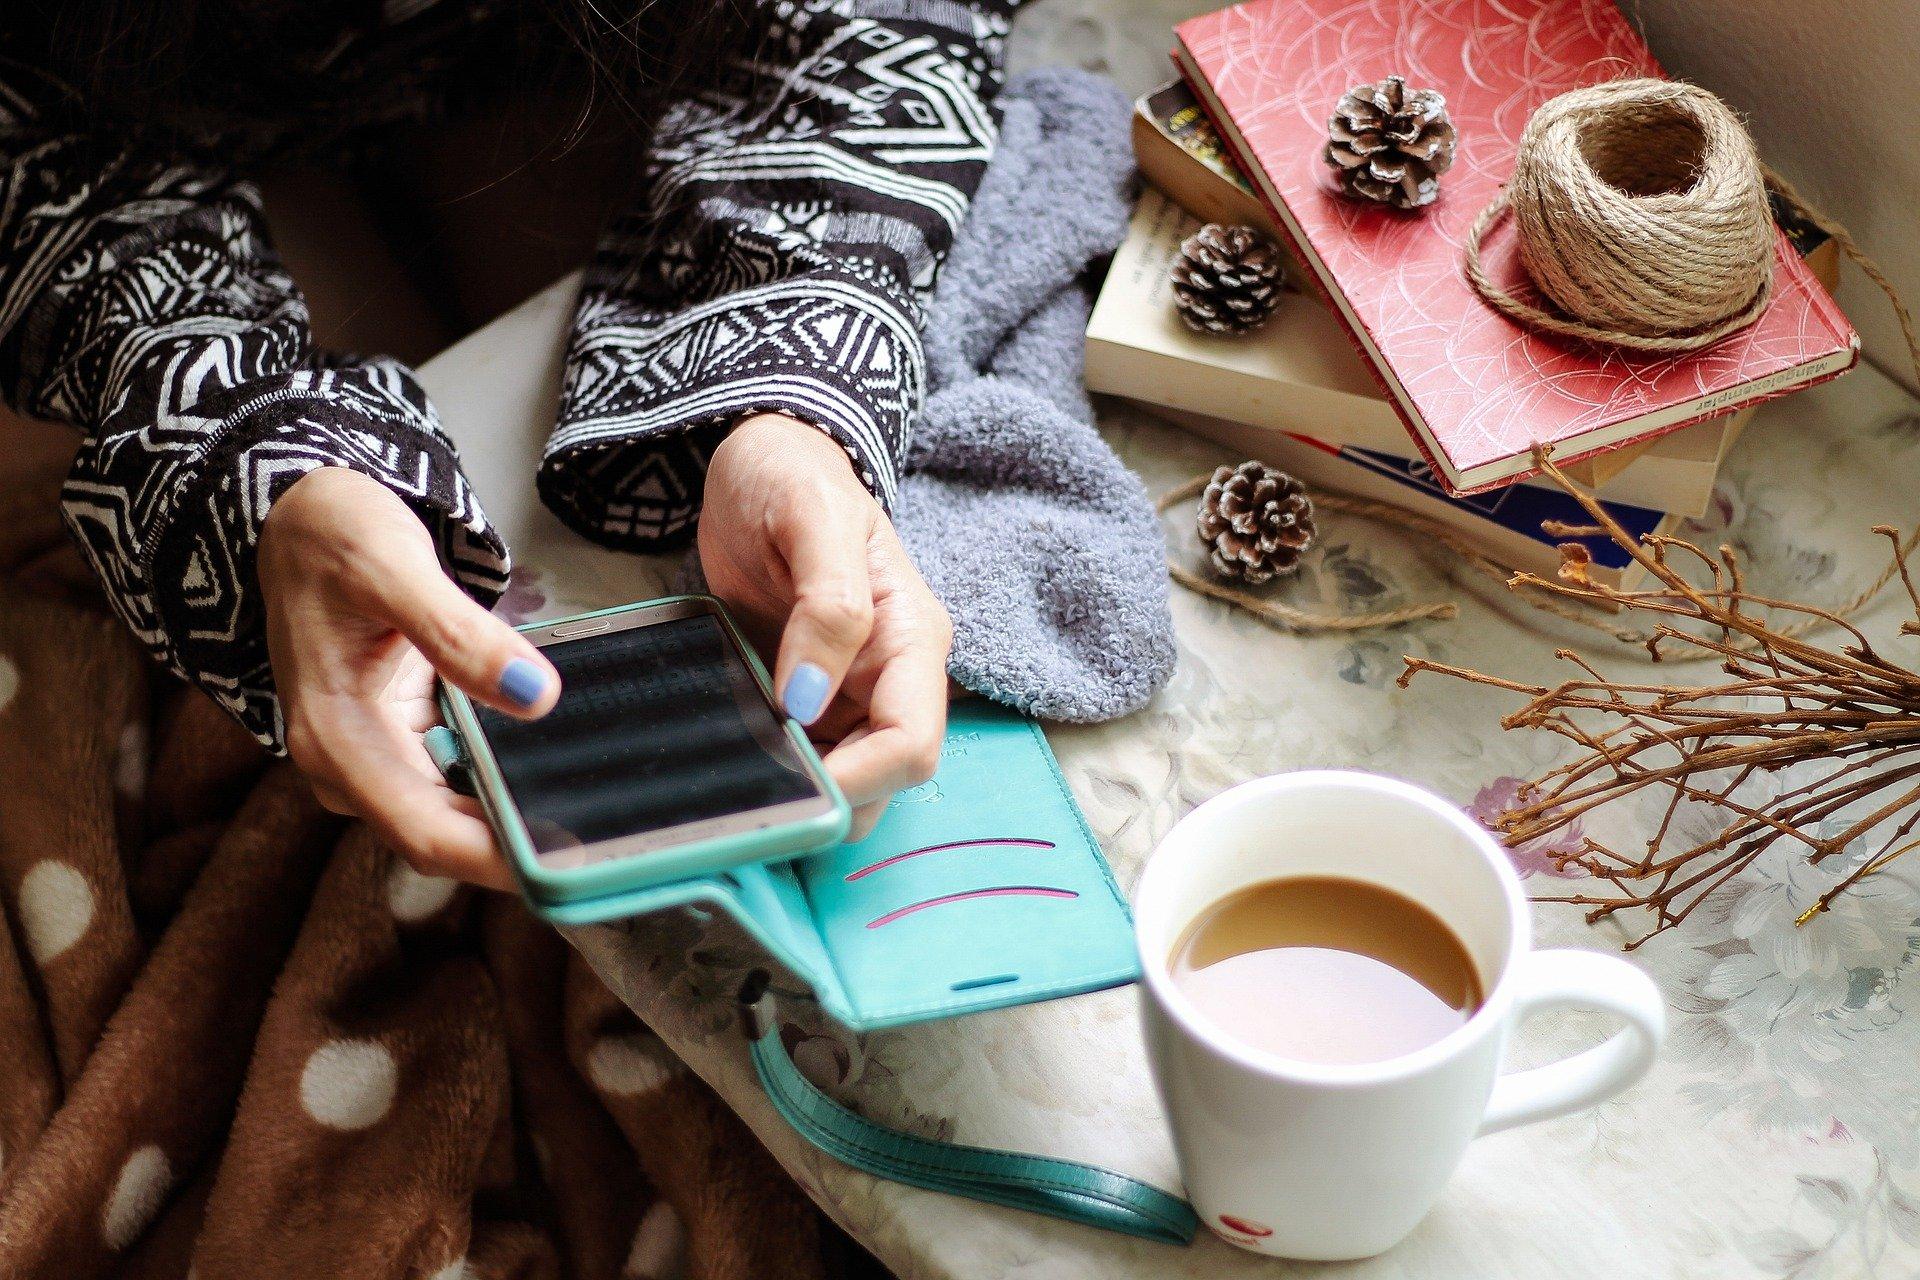 Kontrola na društvenim mrežama - nova vrsta ljubomore?